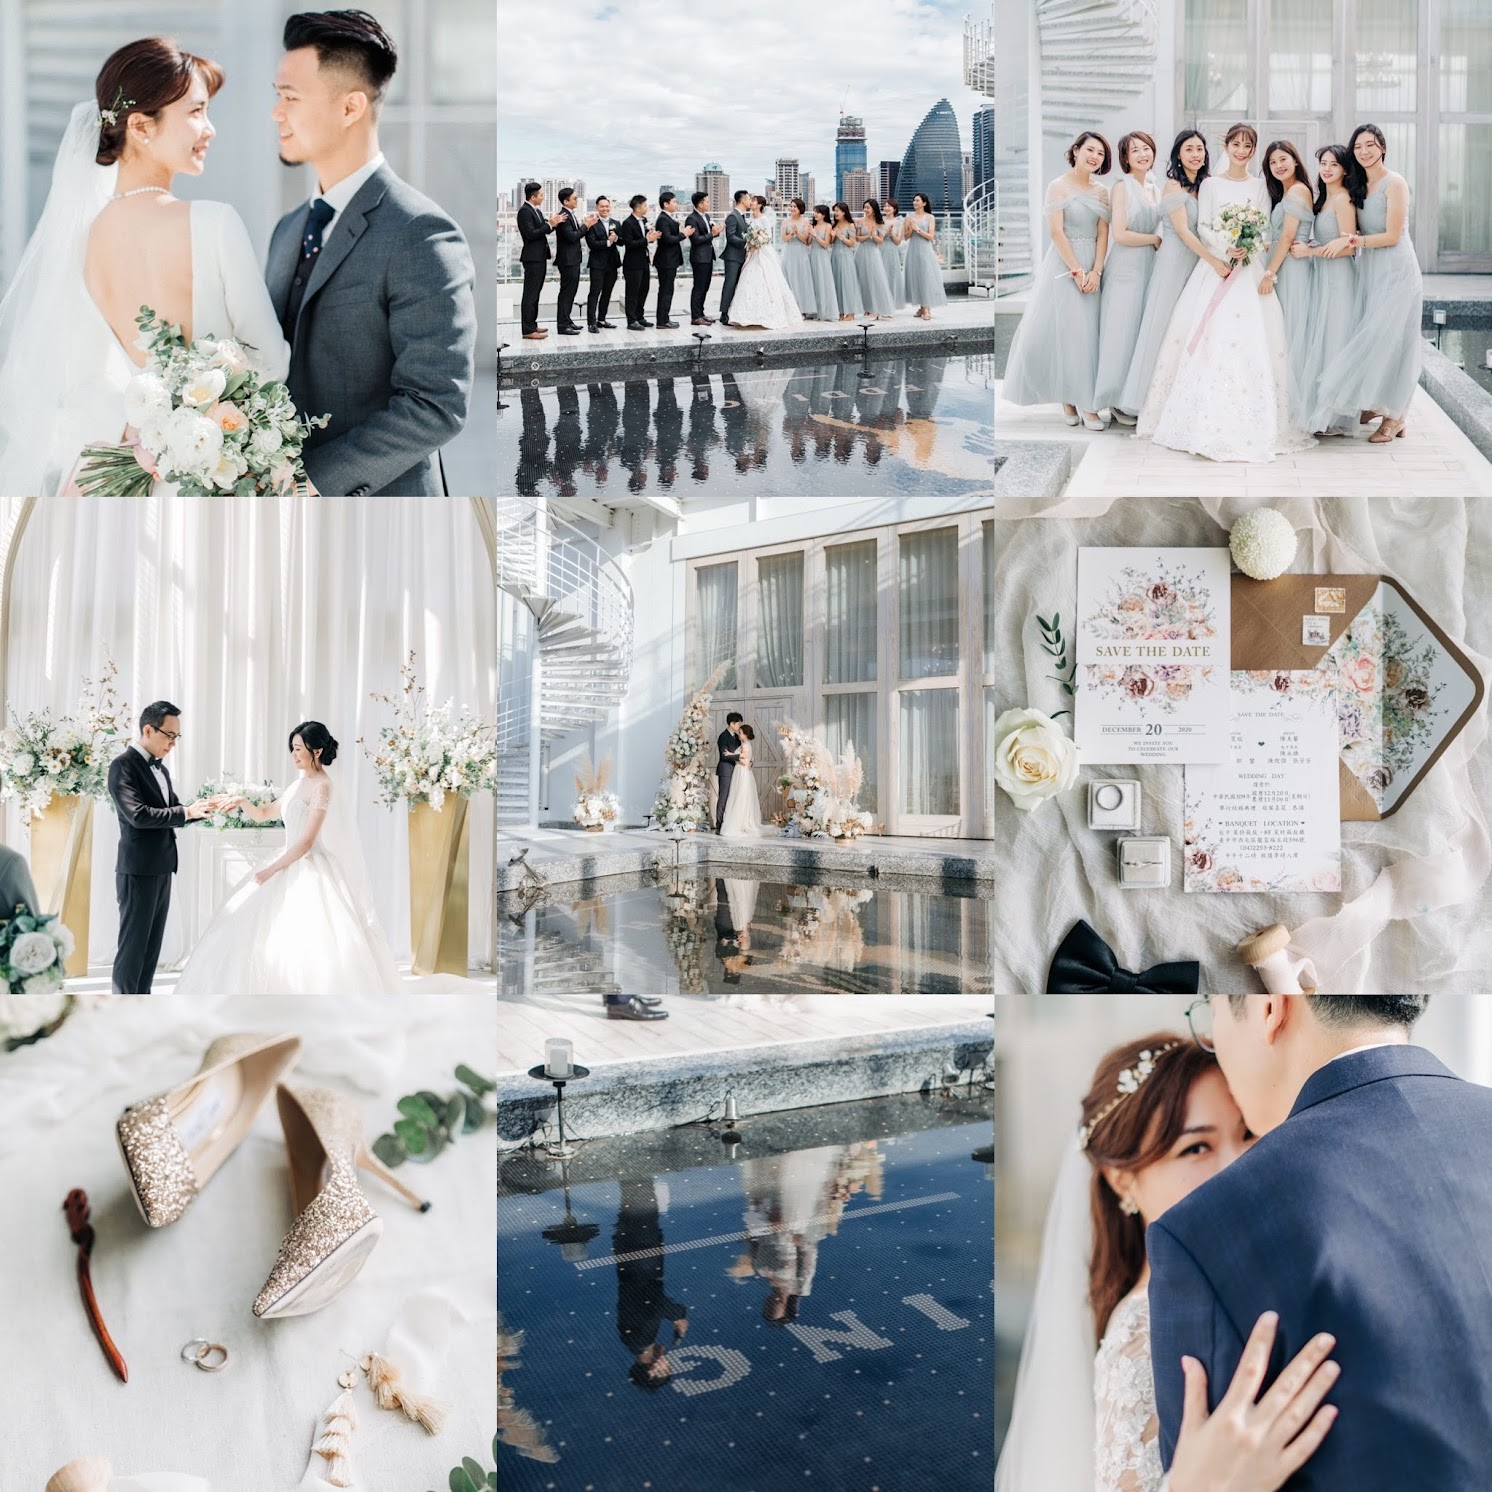 這樣辦小型婚禮最溫馨,推薦你絕佳的小型婚禮派對場地